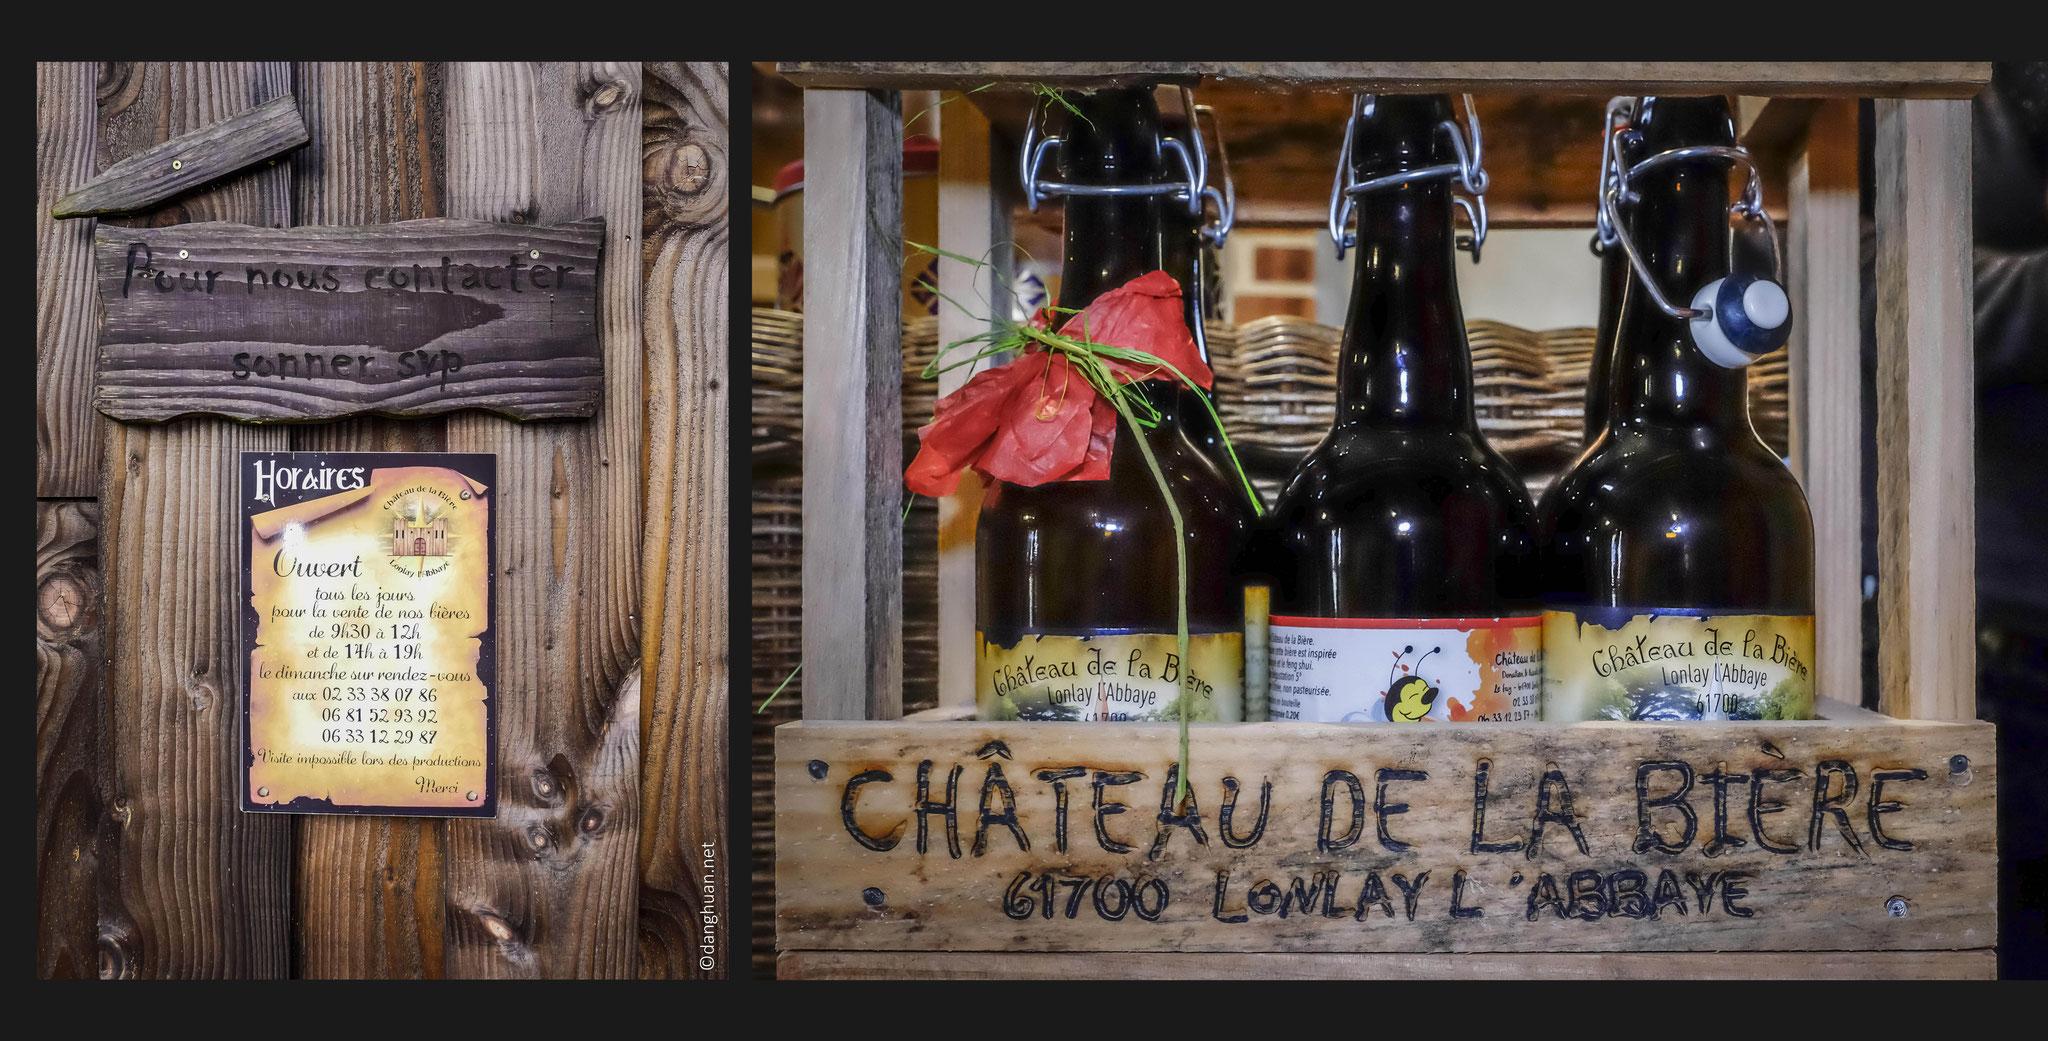 Les produits des brasseurs Donatien & Pascale LESELLIER à Lonlay-l'abbaye